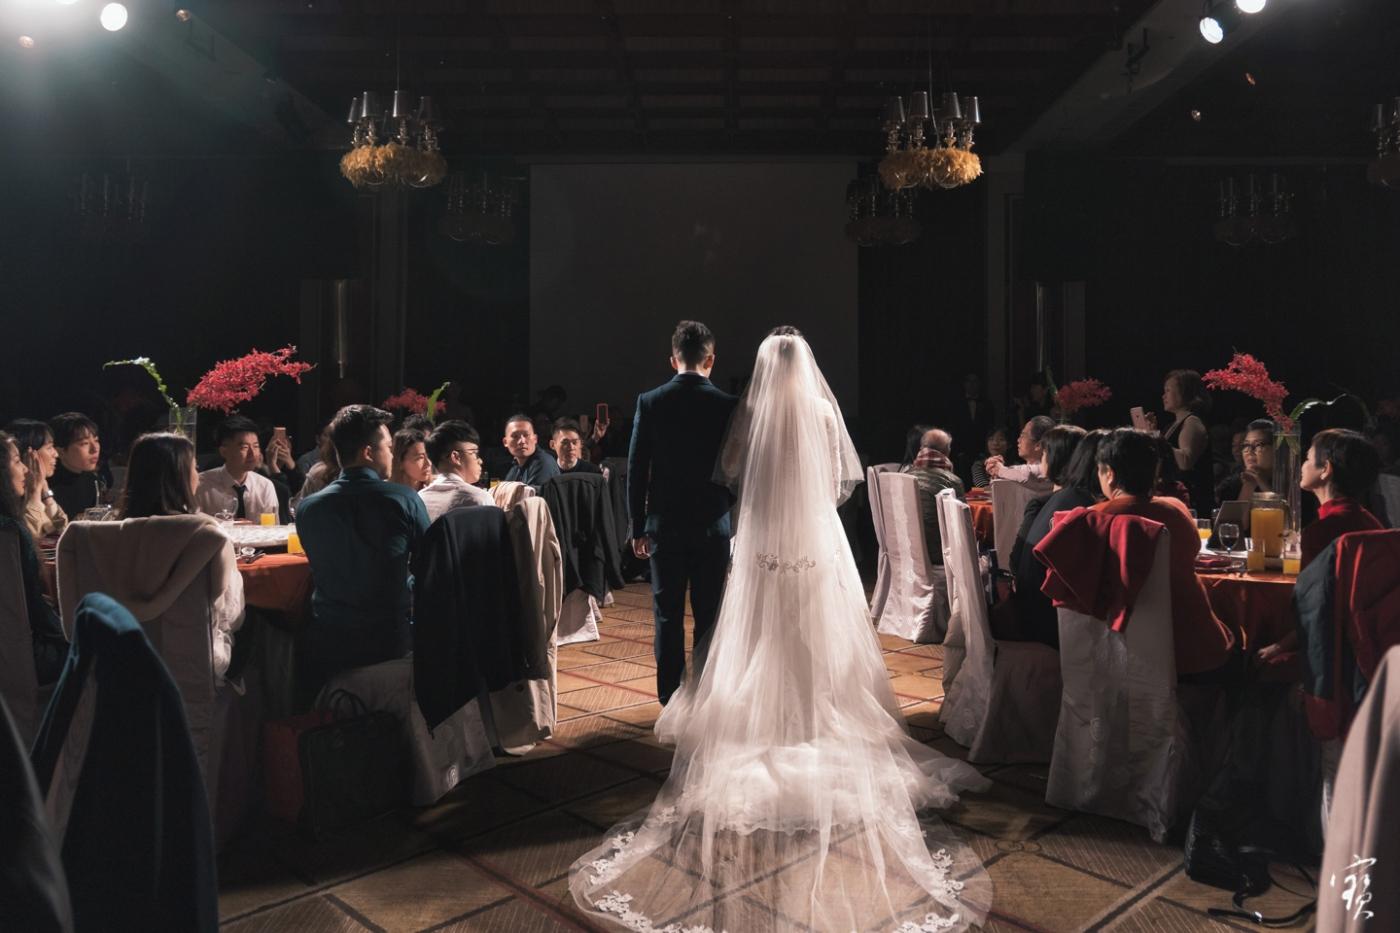 婚禮攝影 婚紗 大直 典華 冬半影像 攝影師大寶 北部攝影 台北攝影 桃園攝影 新竹攝影20181208-346